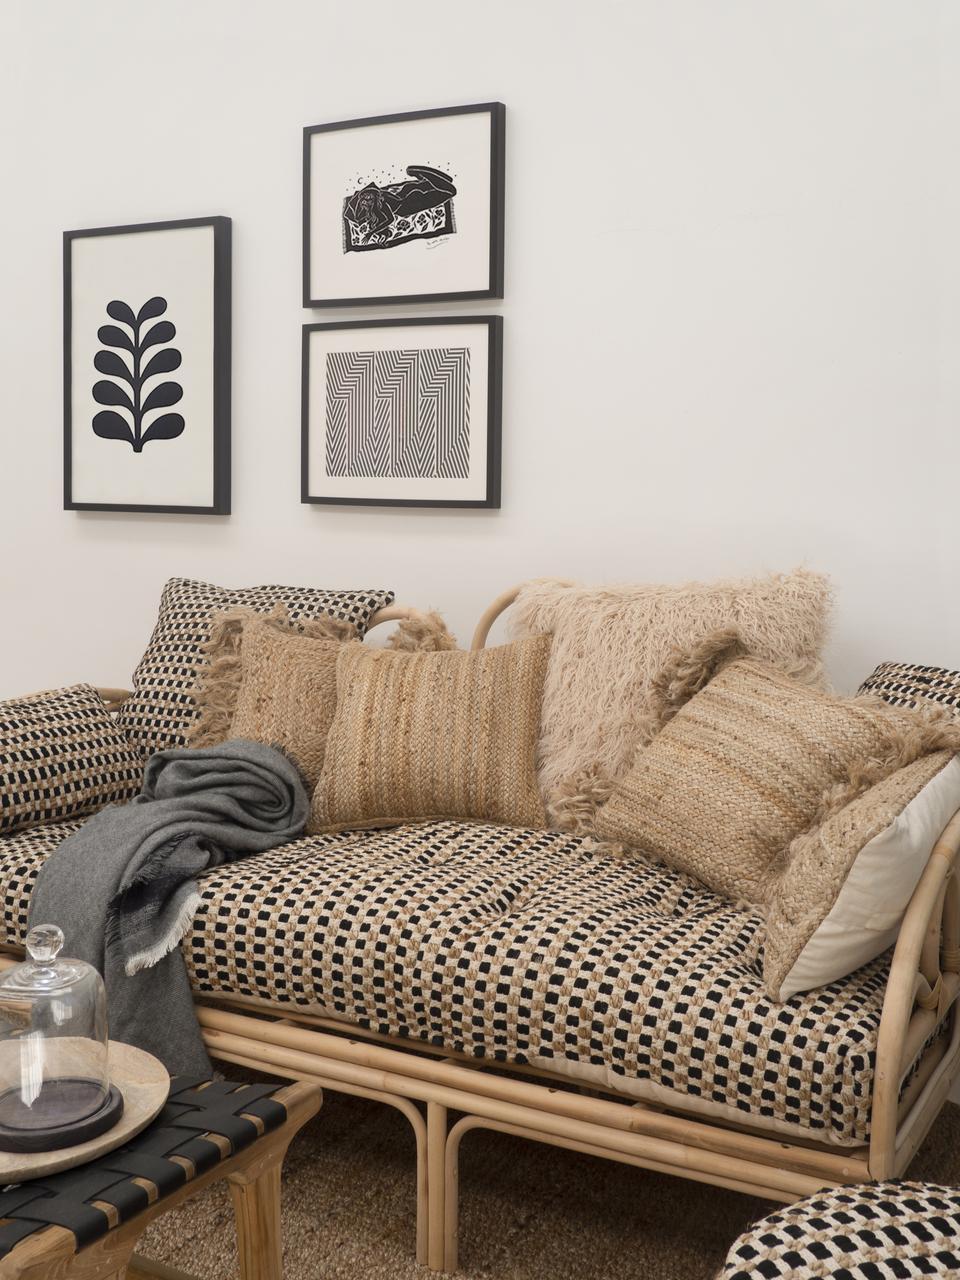 Federa arredo in cotone/juta Fiesta, Retro: 100% cotone, Nero, beige, Larg. 30 x Lung. 60 cm